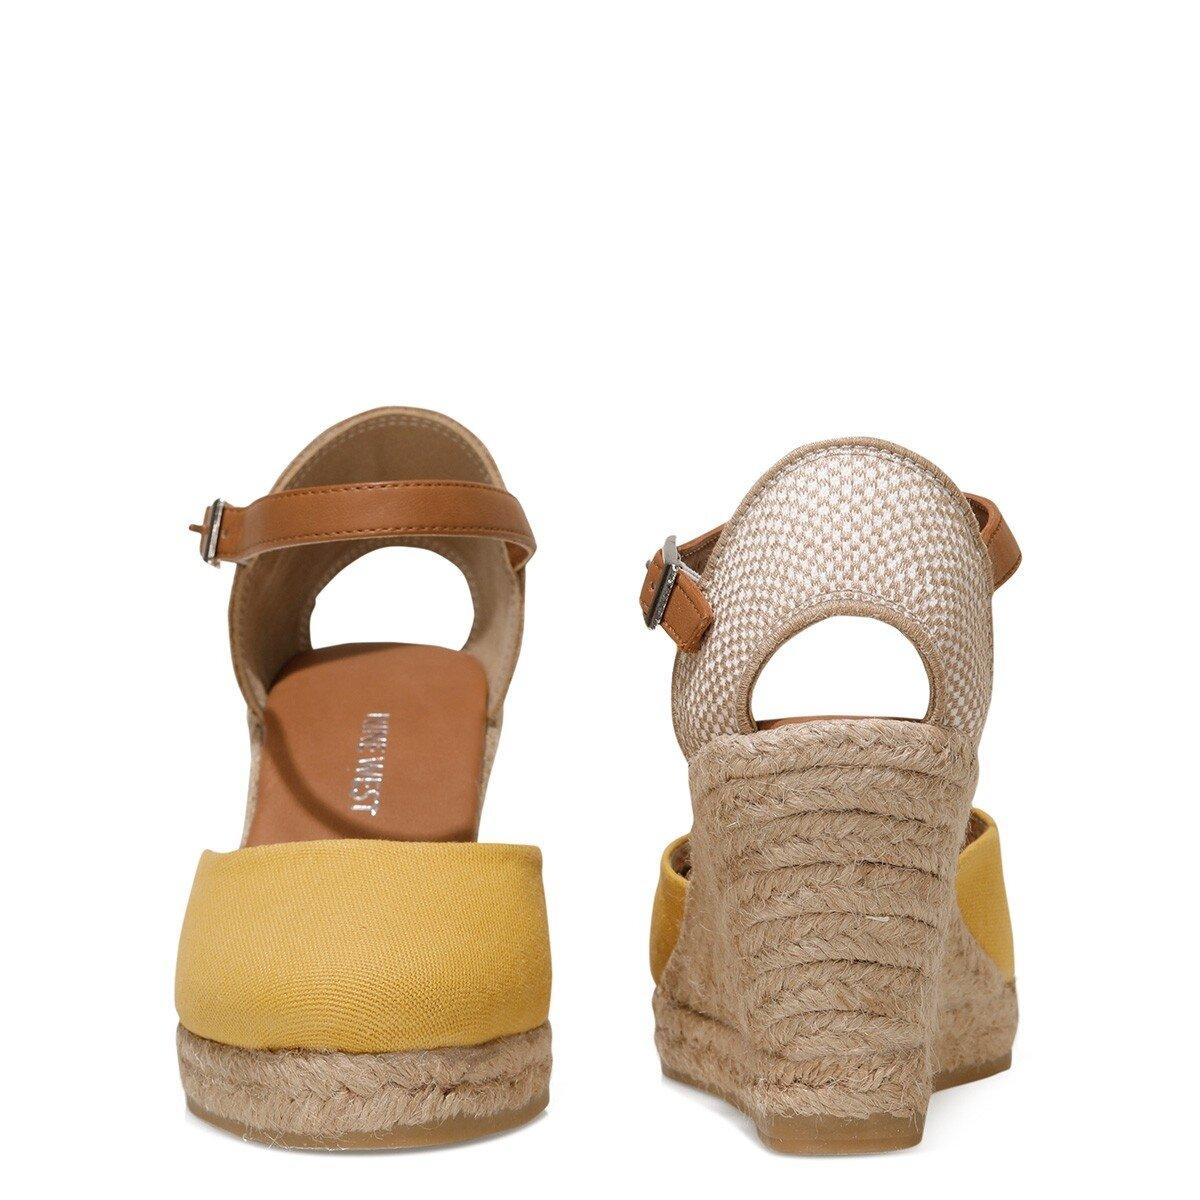 ARTEMISIA 1FX Sarı Kadın Dolgu Topuklu Sandalet